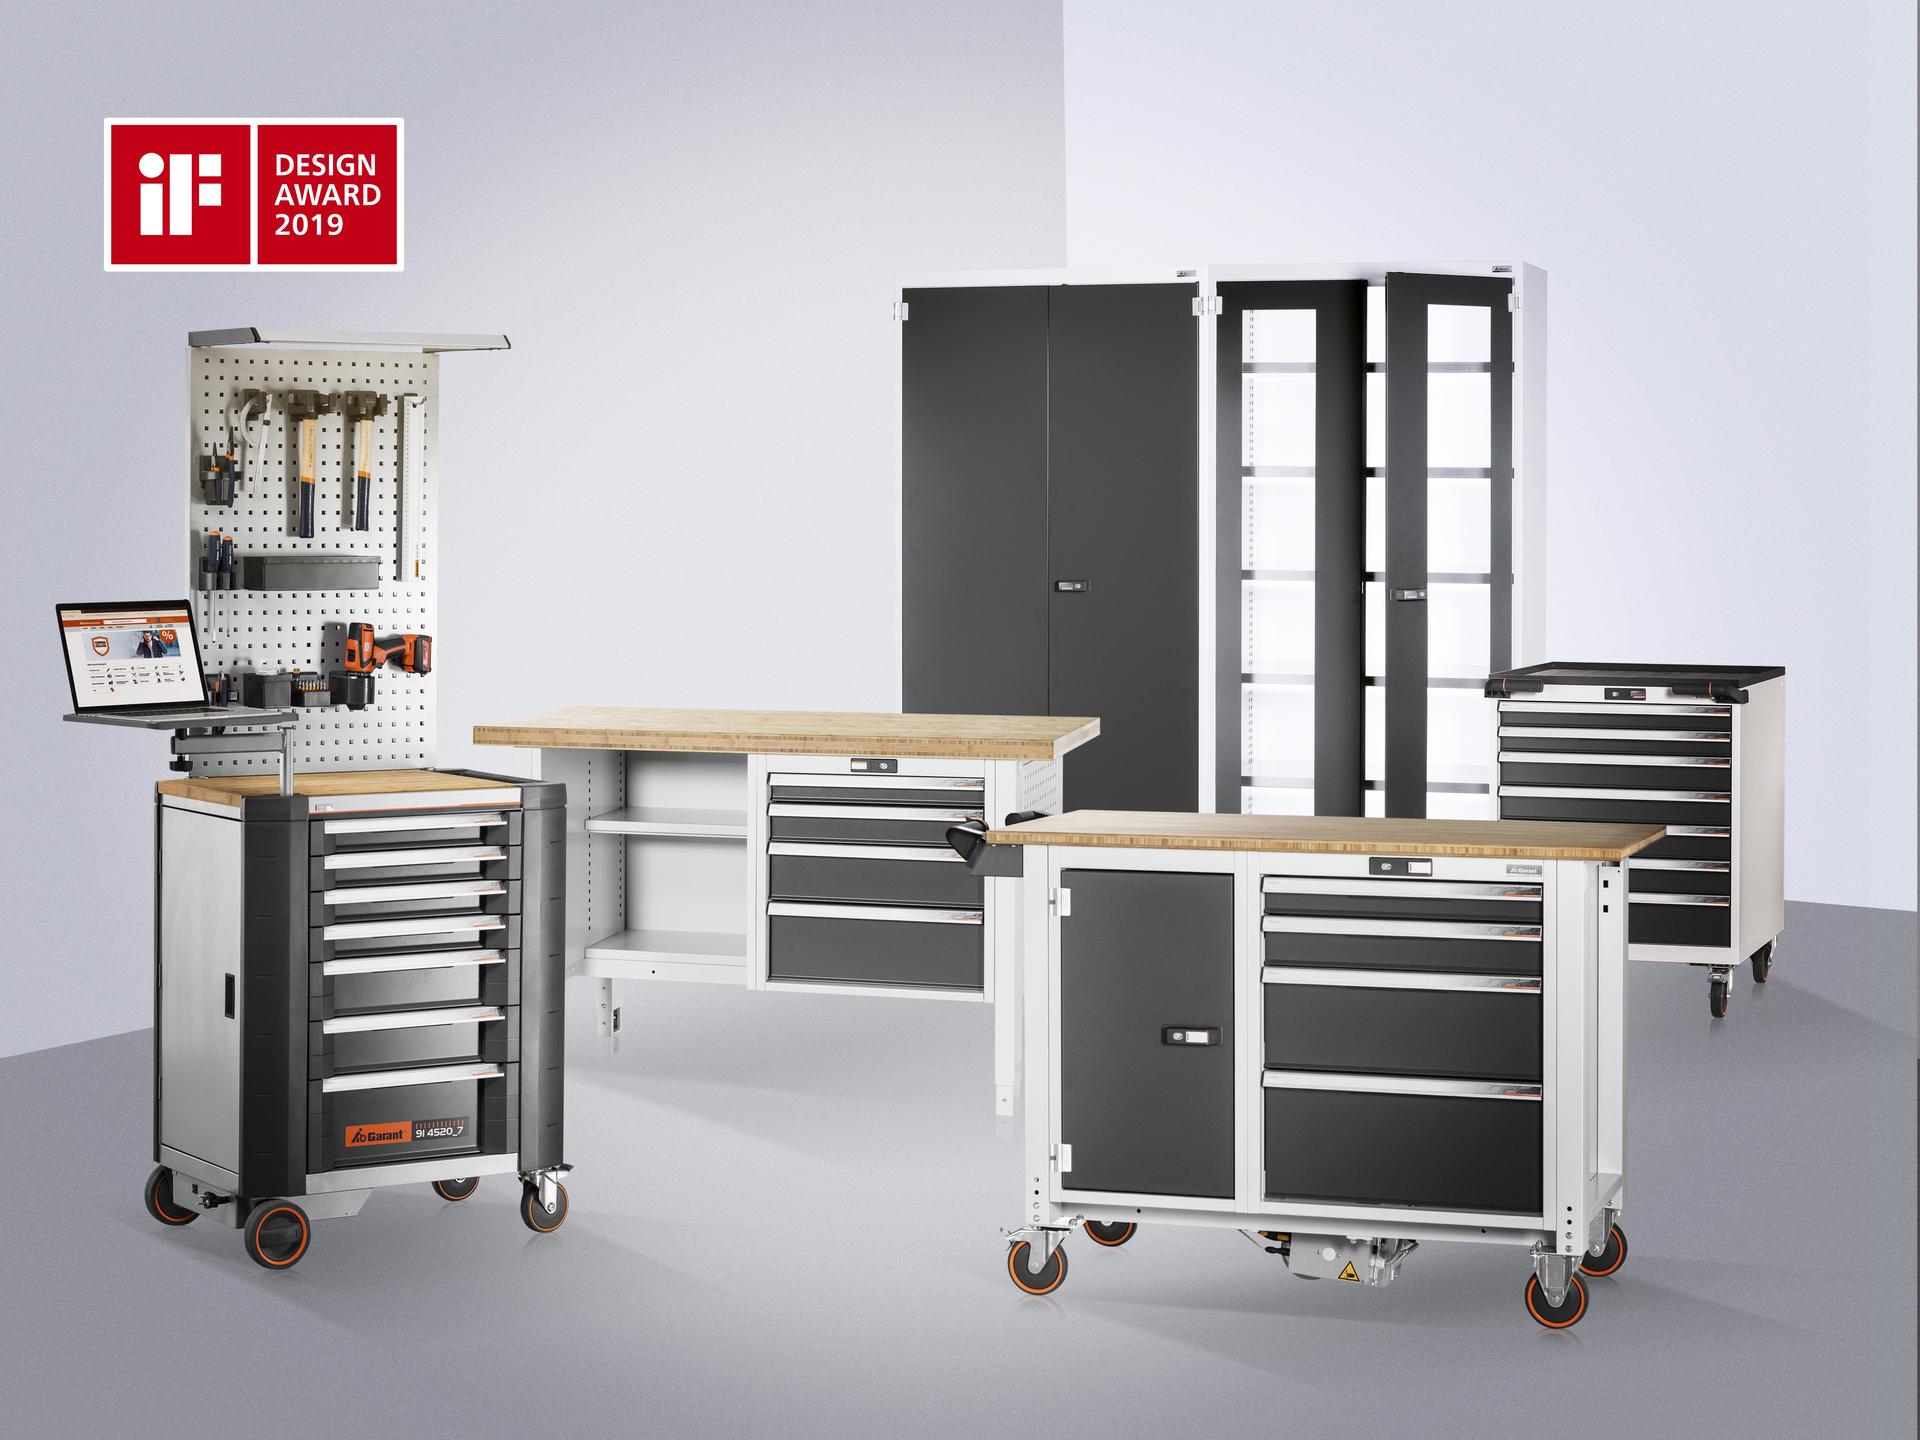 Garant Gridline Workshop Cabinets Receive If Design Award